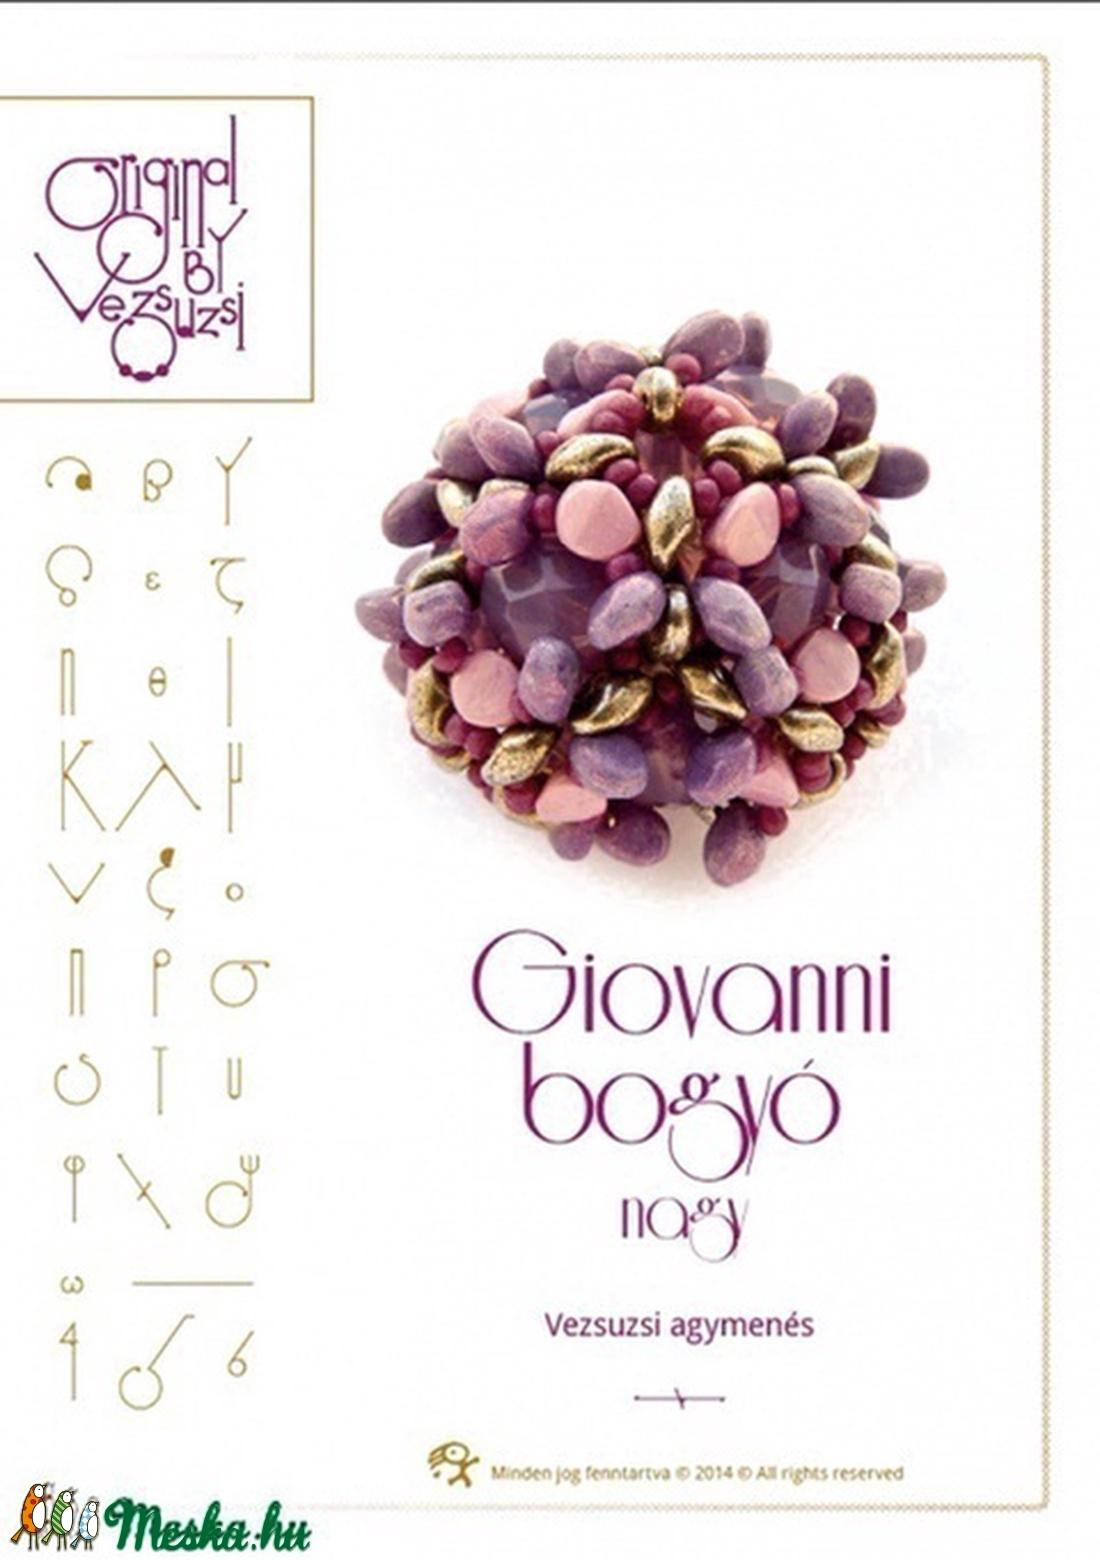 Giovanni nagybogyó... minta egyéni felhasználásra (vezsuzsiminta) - Meska.hu